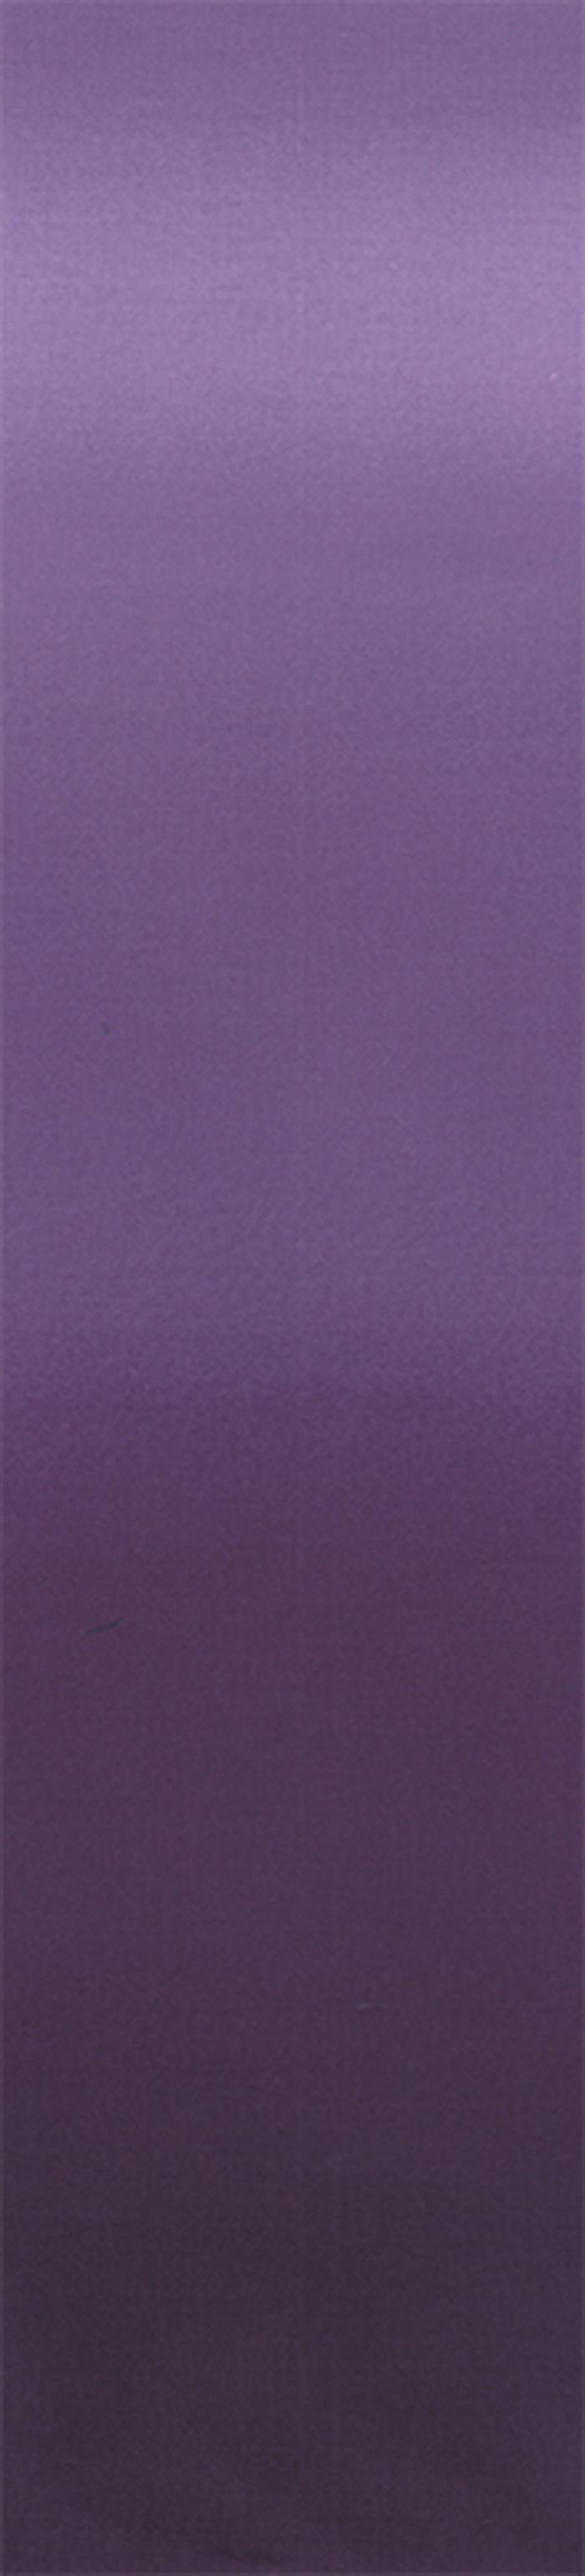 10800 224 Aubergine Ombre Moda